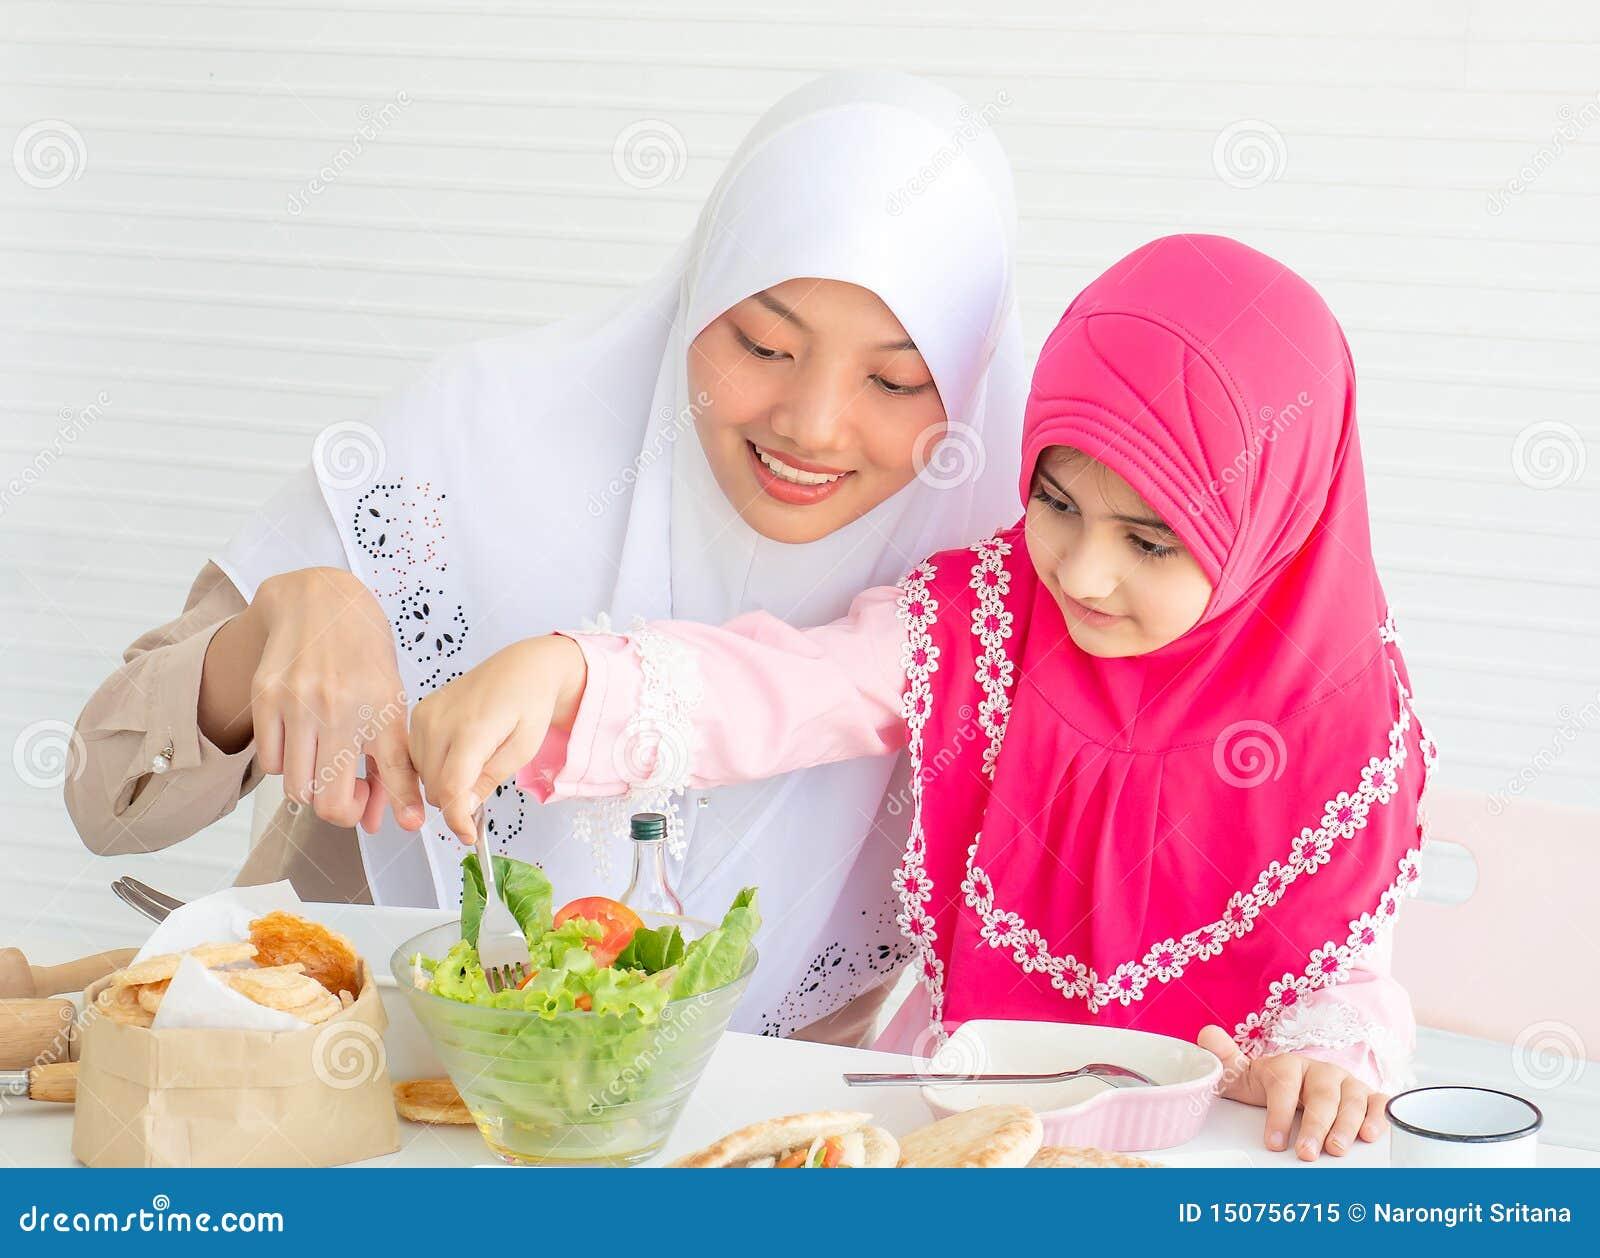 Punto musulmán de la madre a la ensalada vegetal mientras que la niña con el hijab rosado se divierte con la ensalada de mezcla p